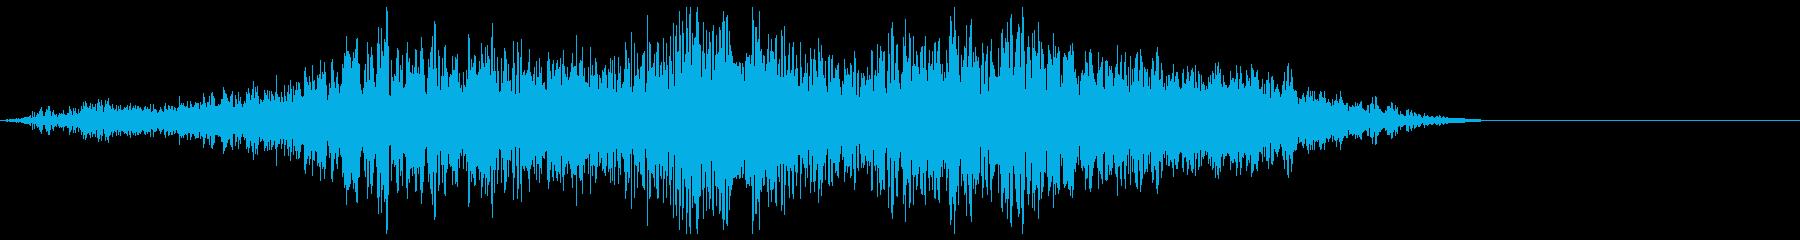 ワープ エナジー系(シュワーン、ギュルルの再生済みの波形